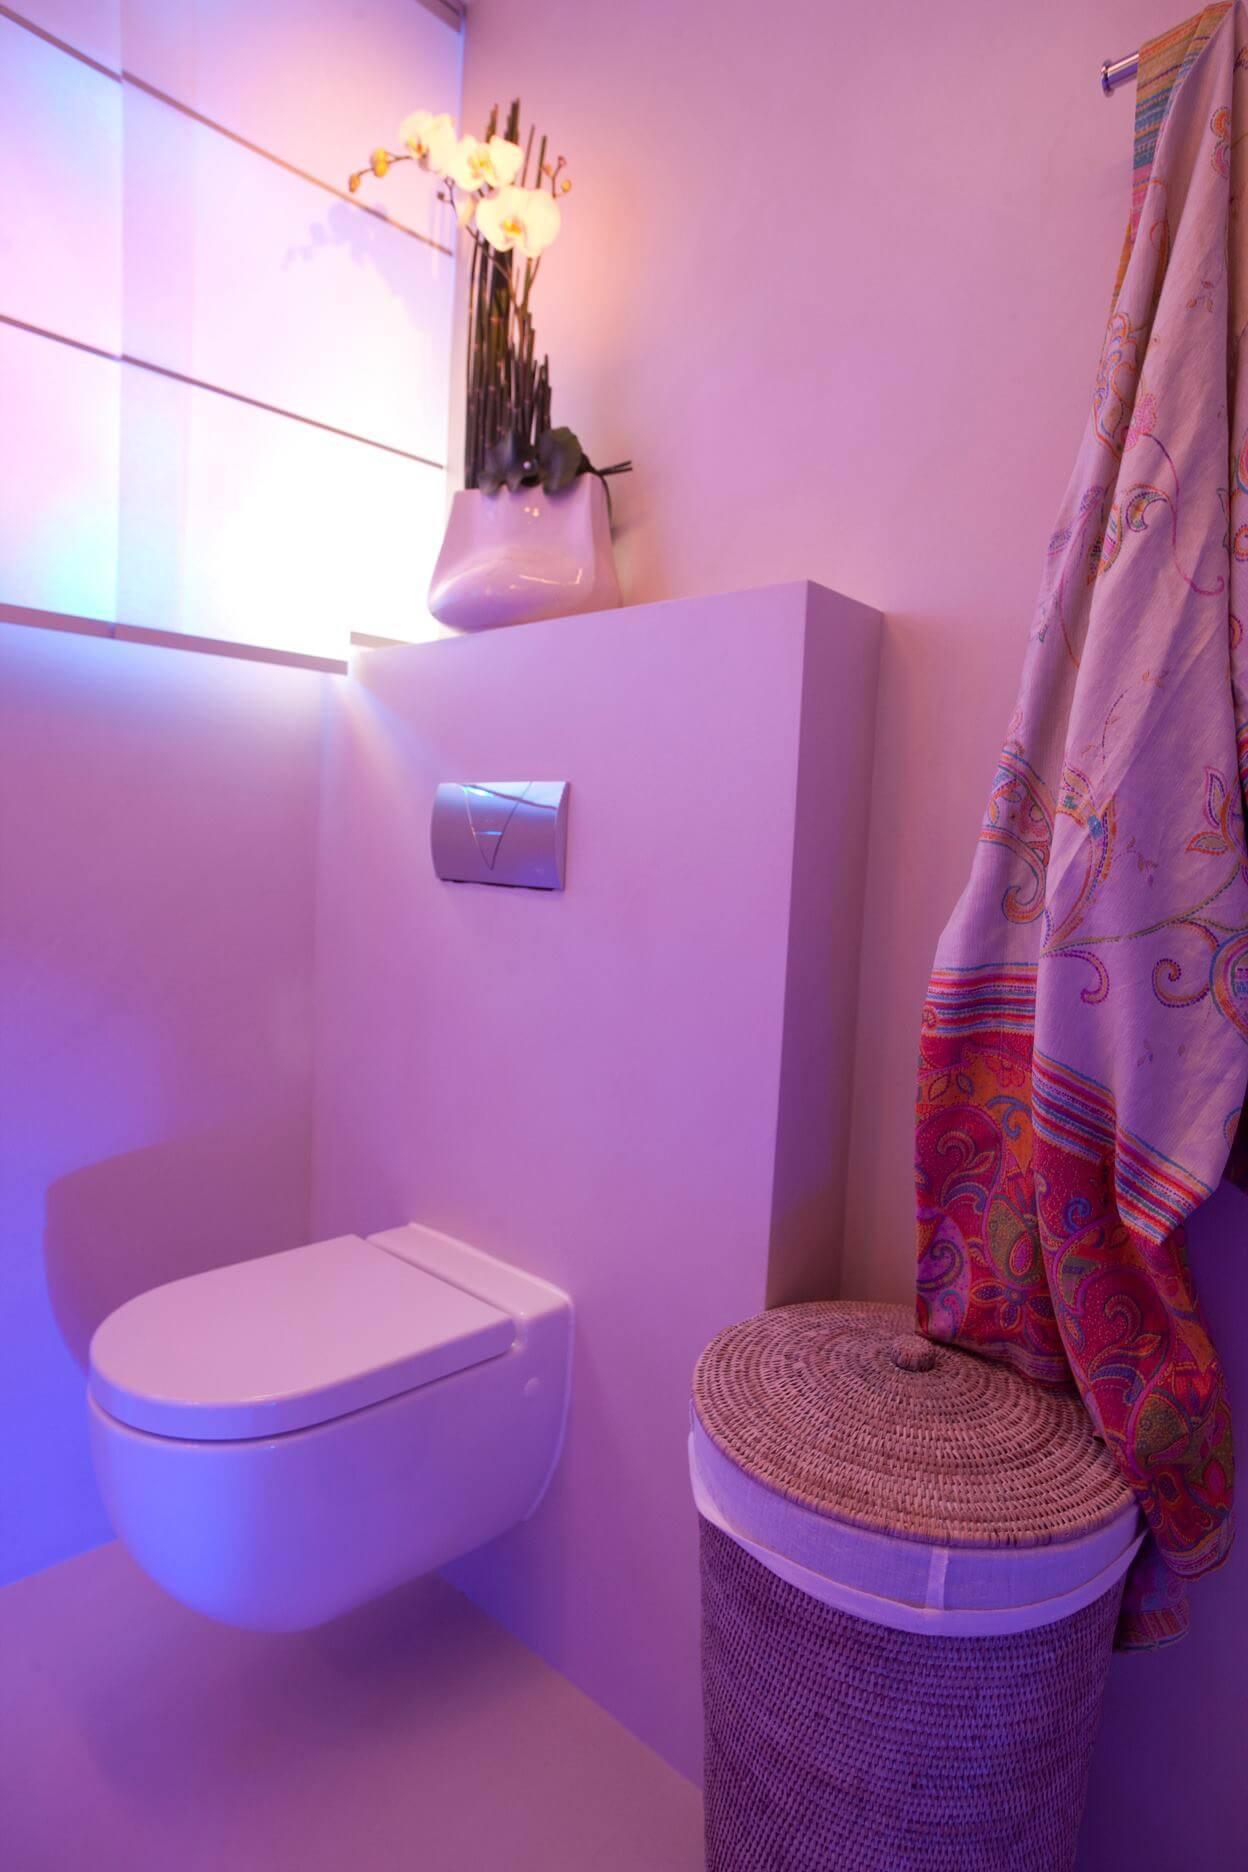 Badezimmer fugenfrei fugenlose b der liegen voll im trend hsh installat r - Duschwand fugenlos ...